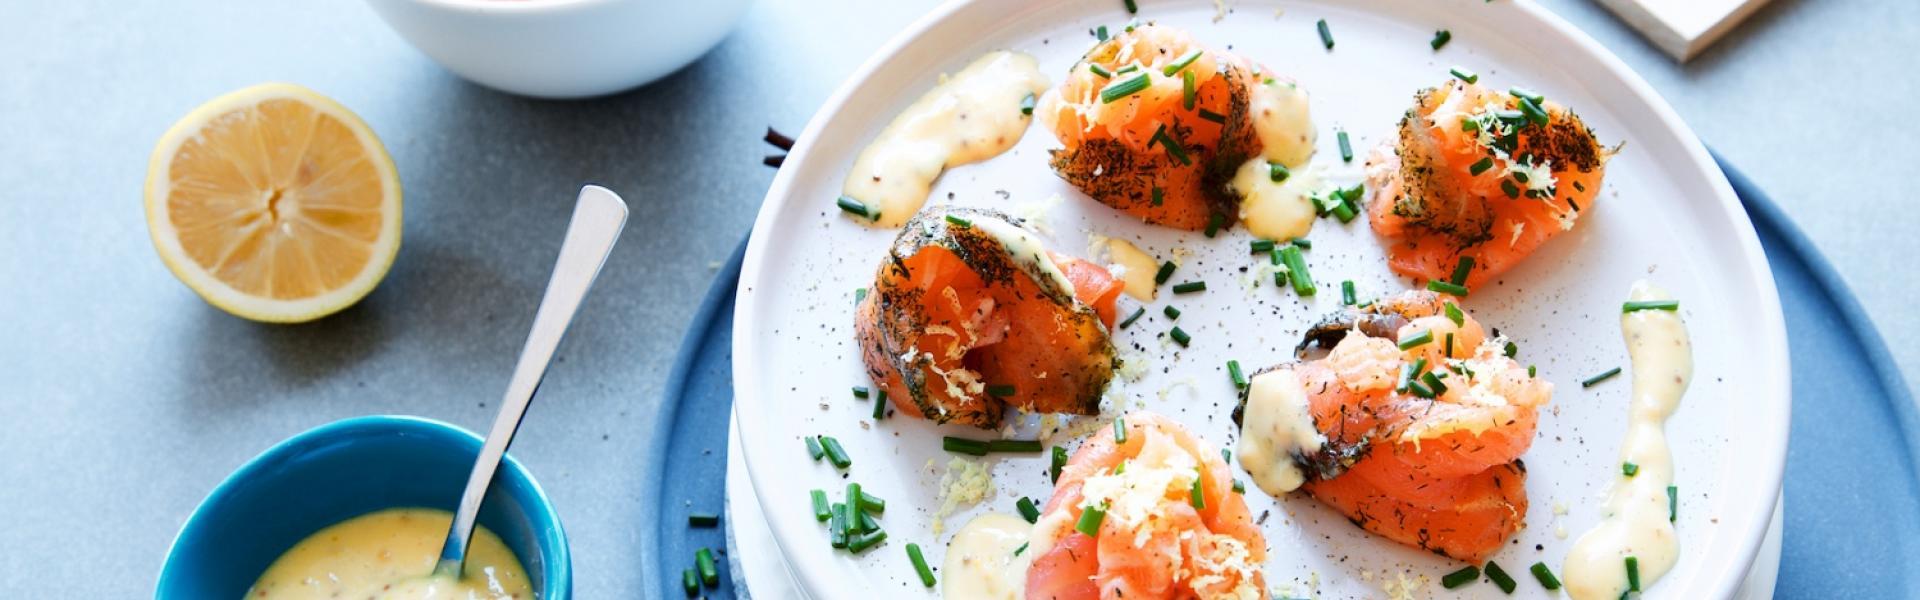 Lachsröllchen auf Teller angerichtet und Mayonnaise serviert